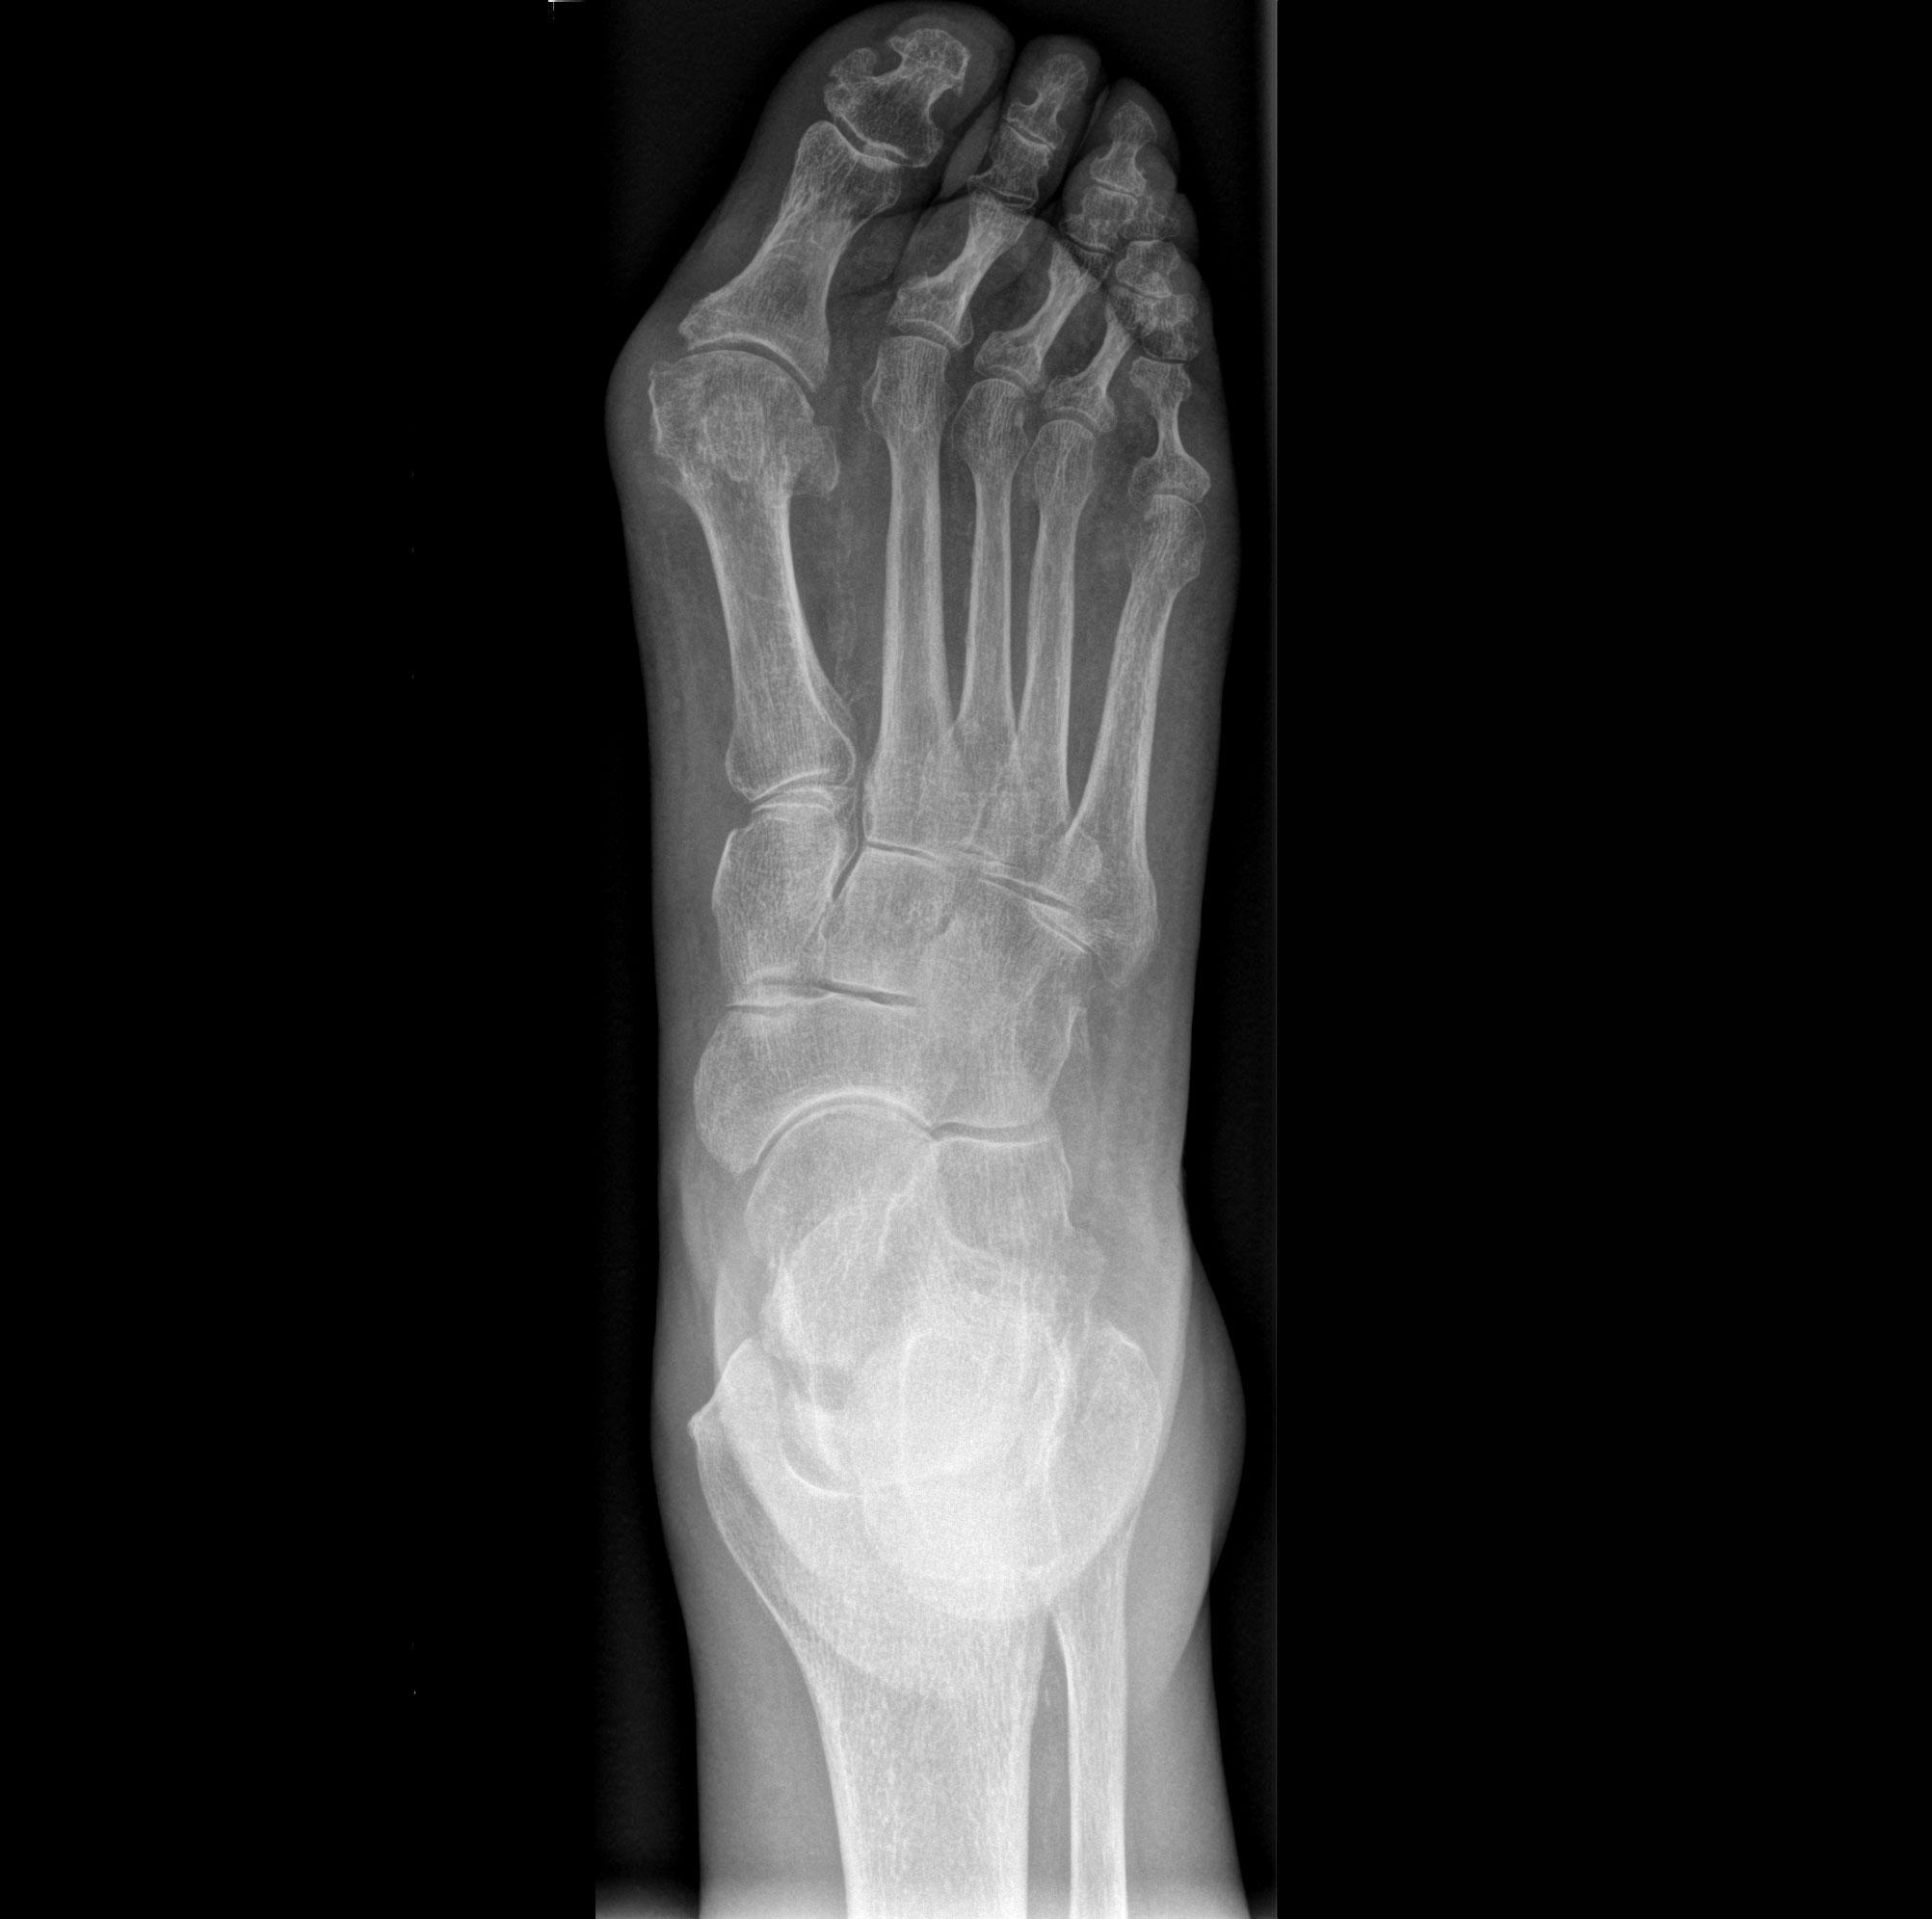 Mobilett Mira Max Foot II d.v. Image